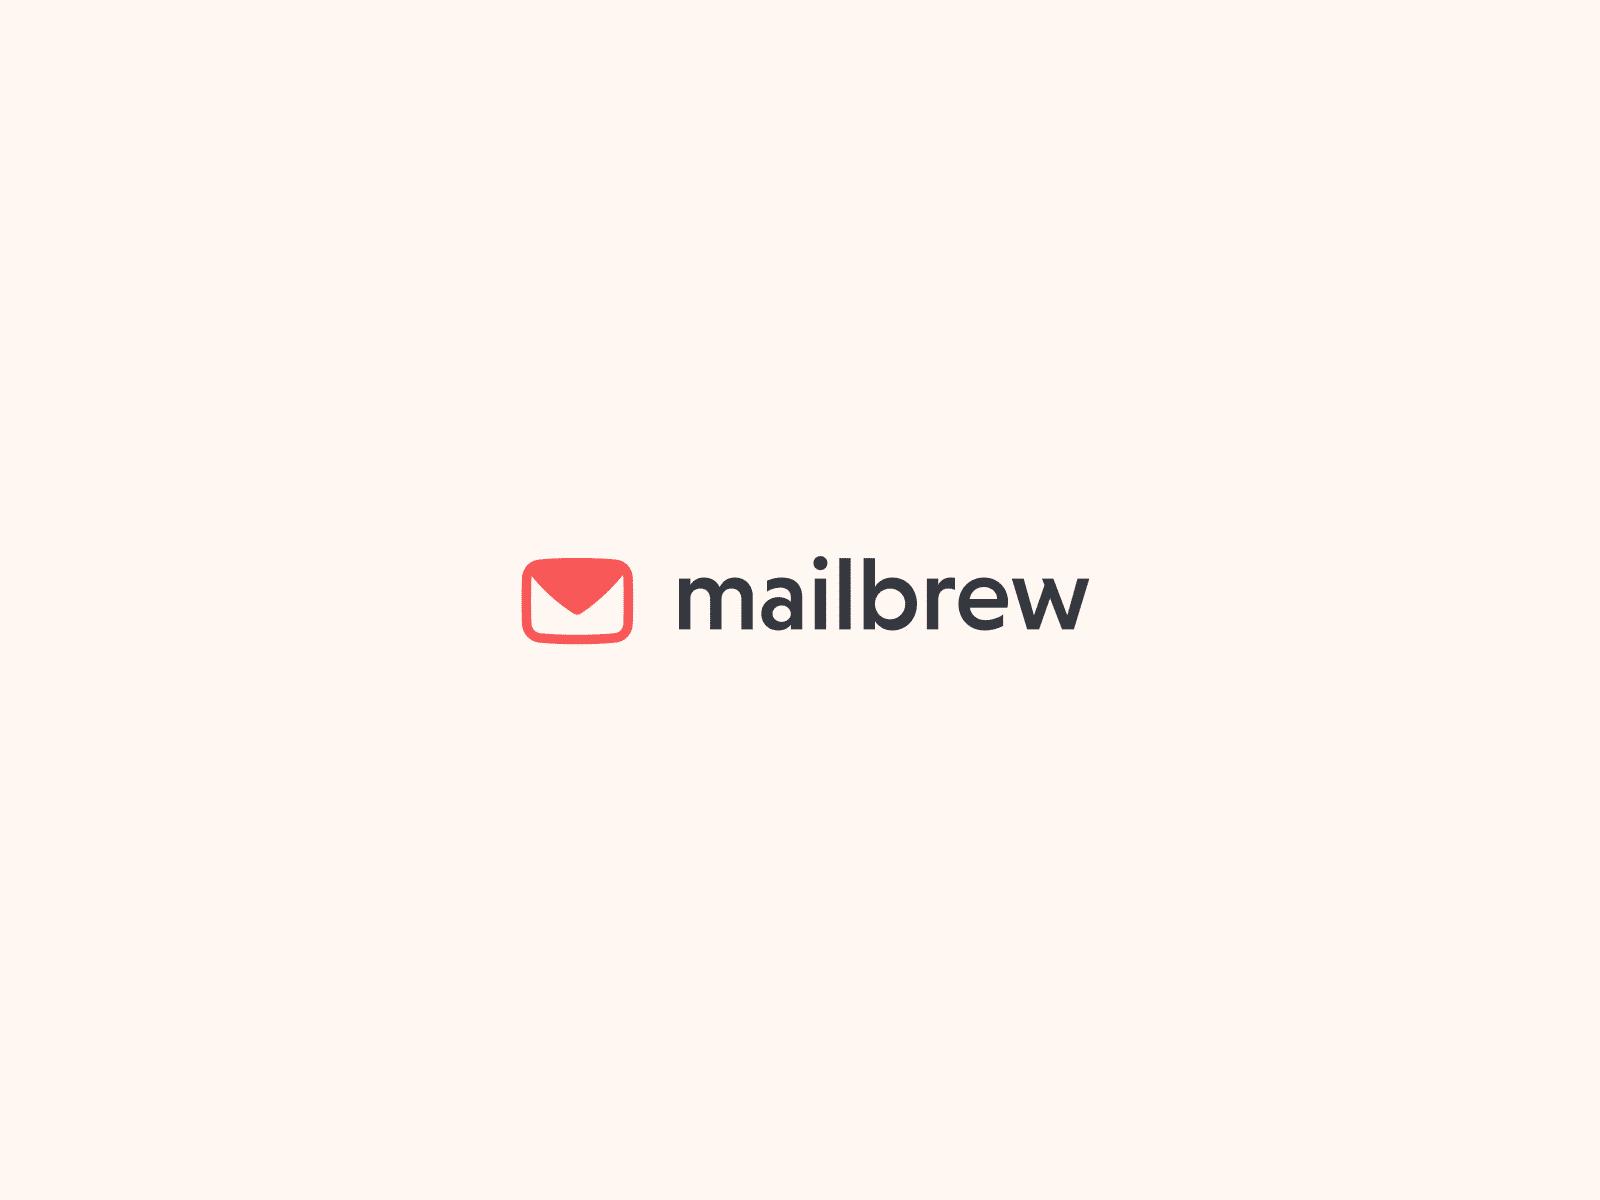 Mailbrew logo